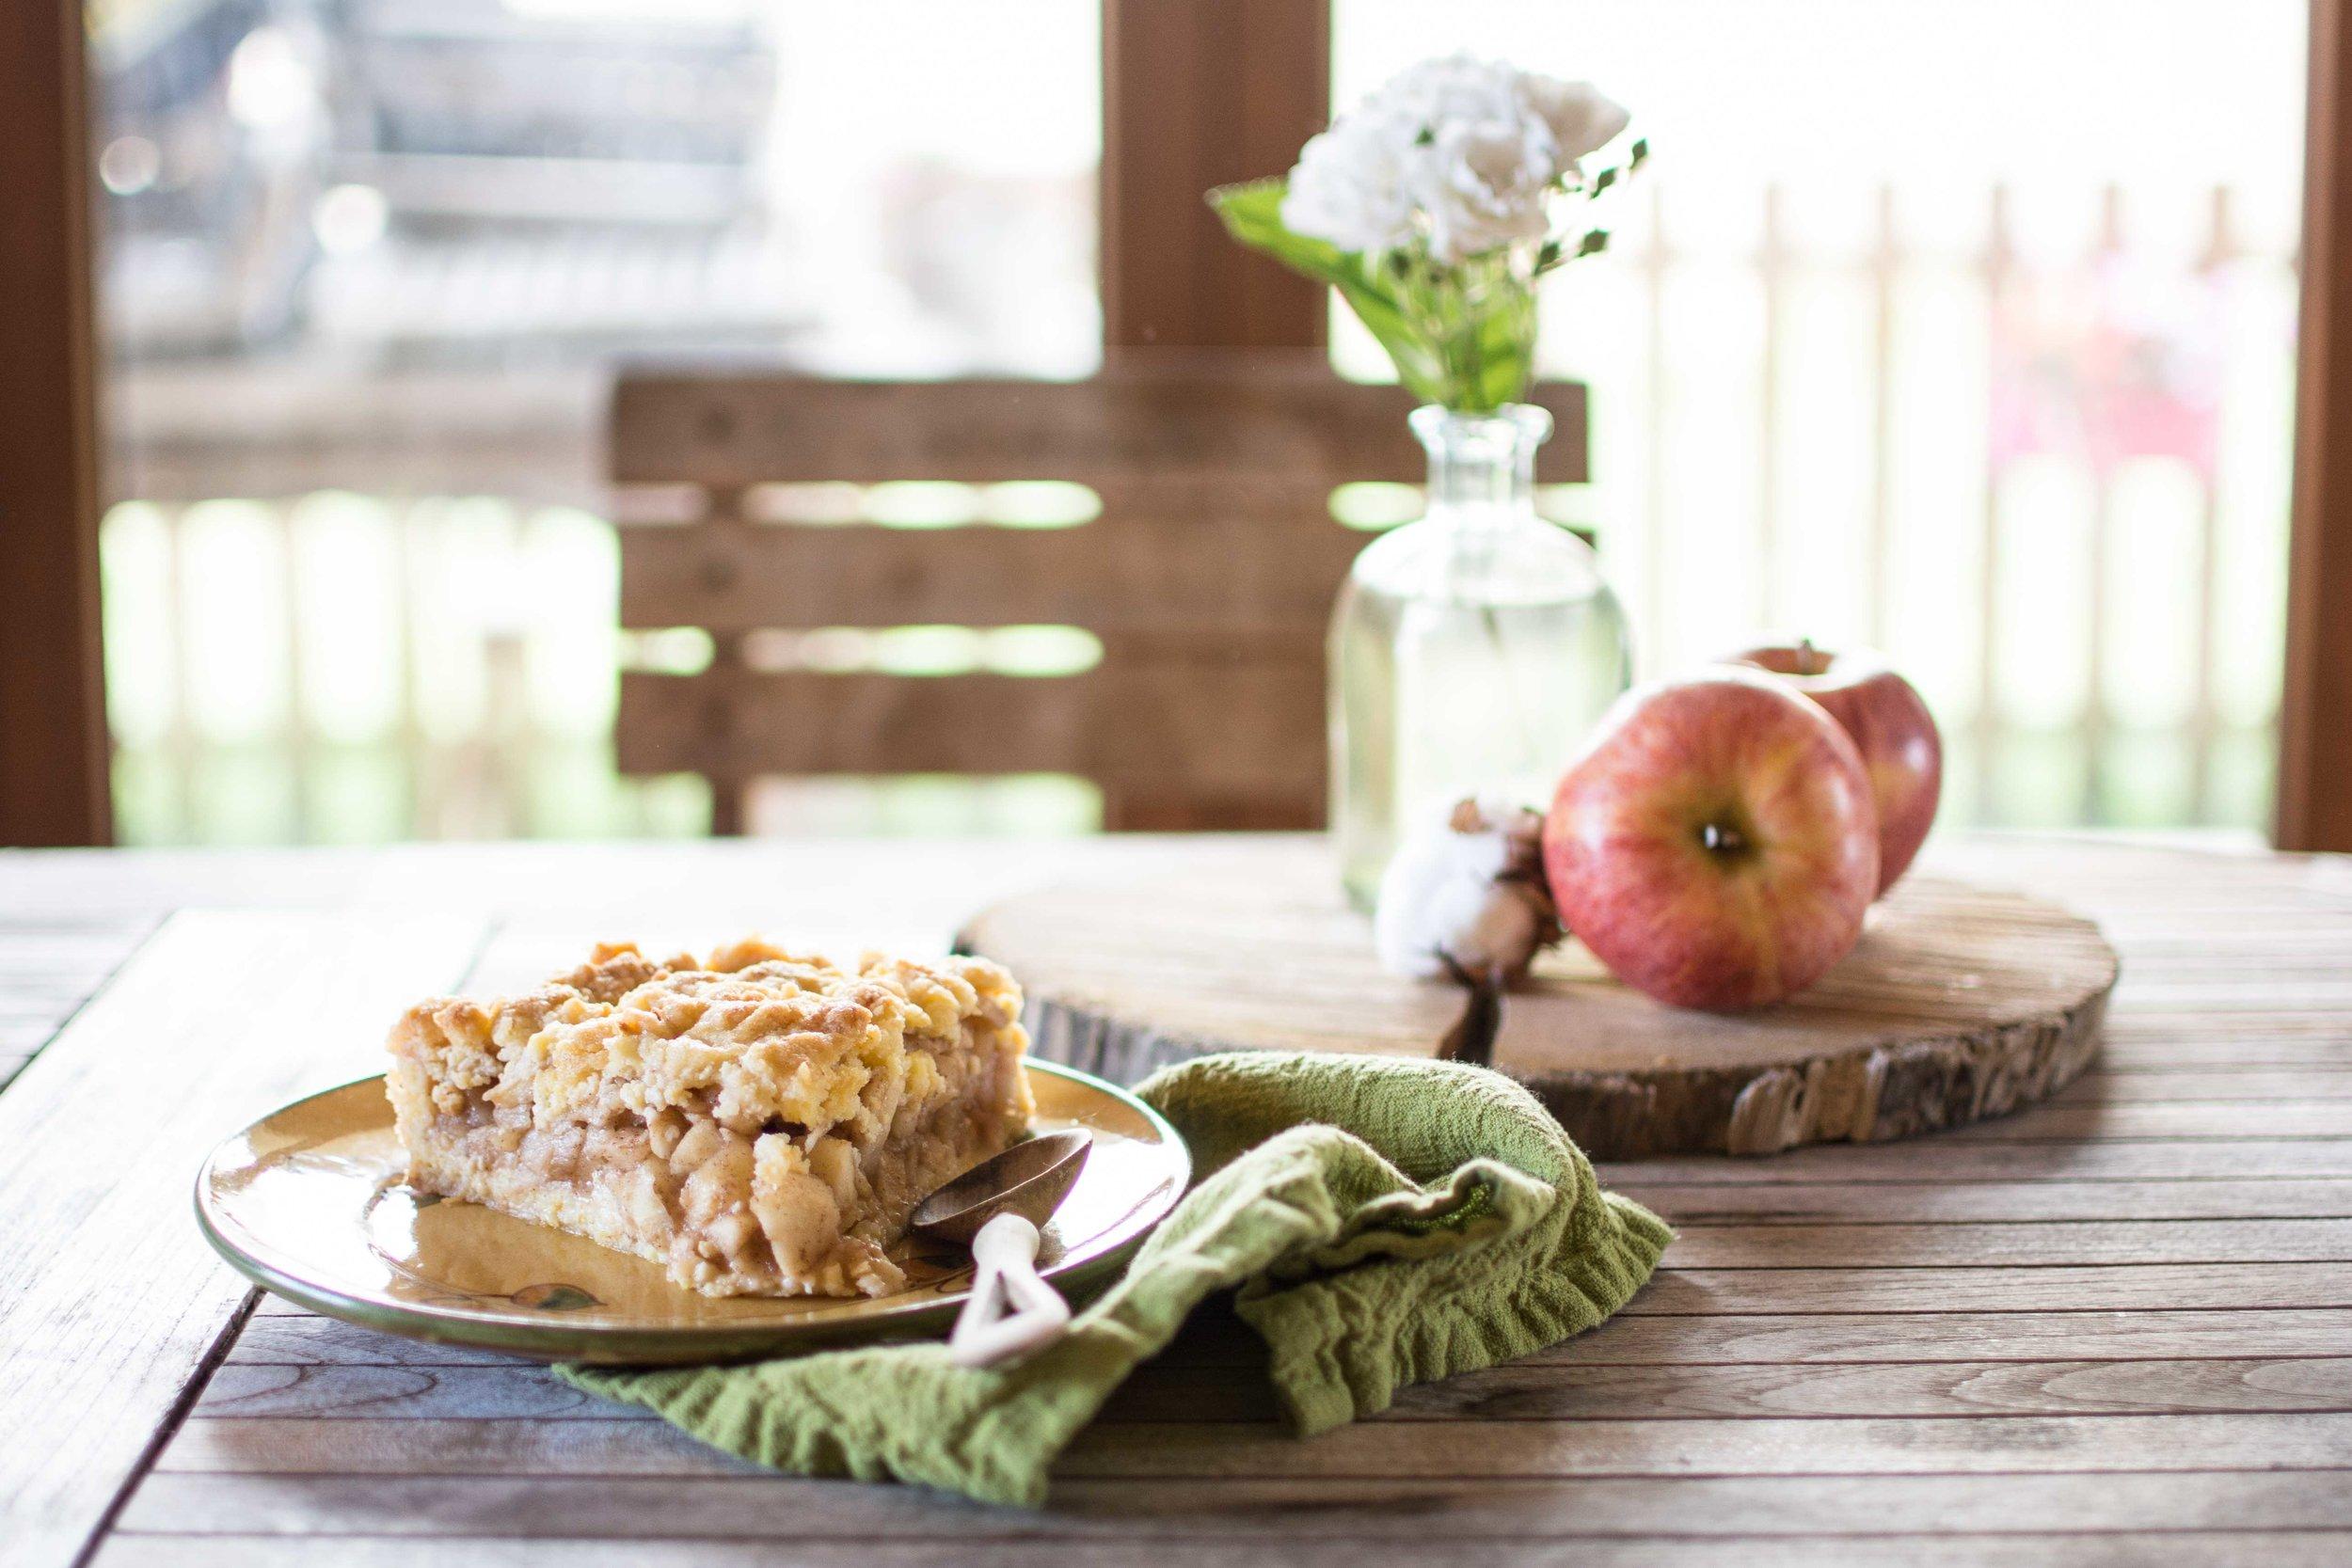 Receta Crumble de manzana